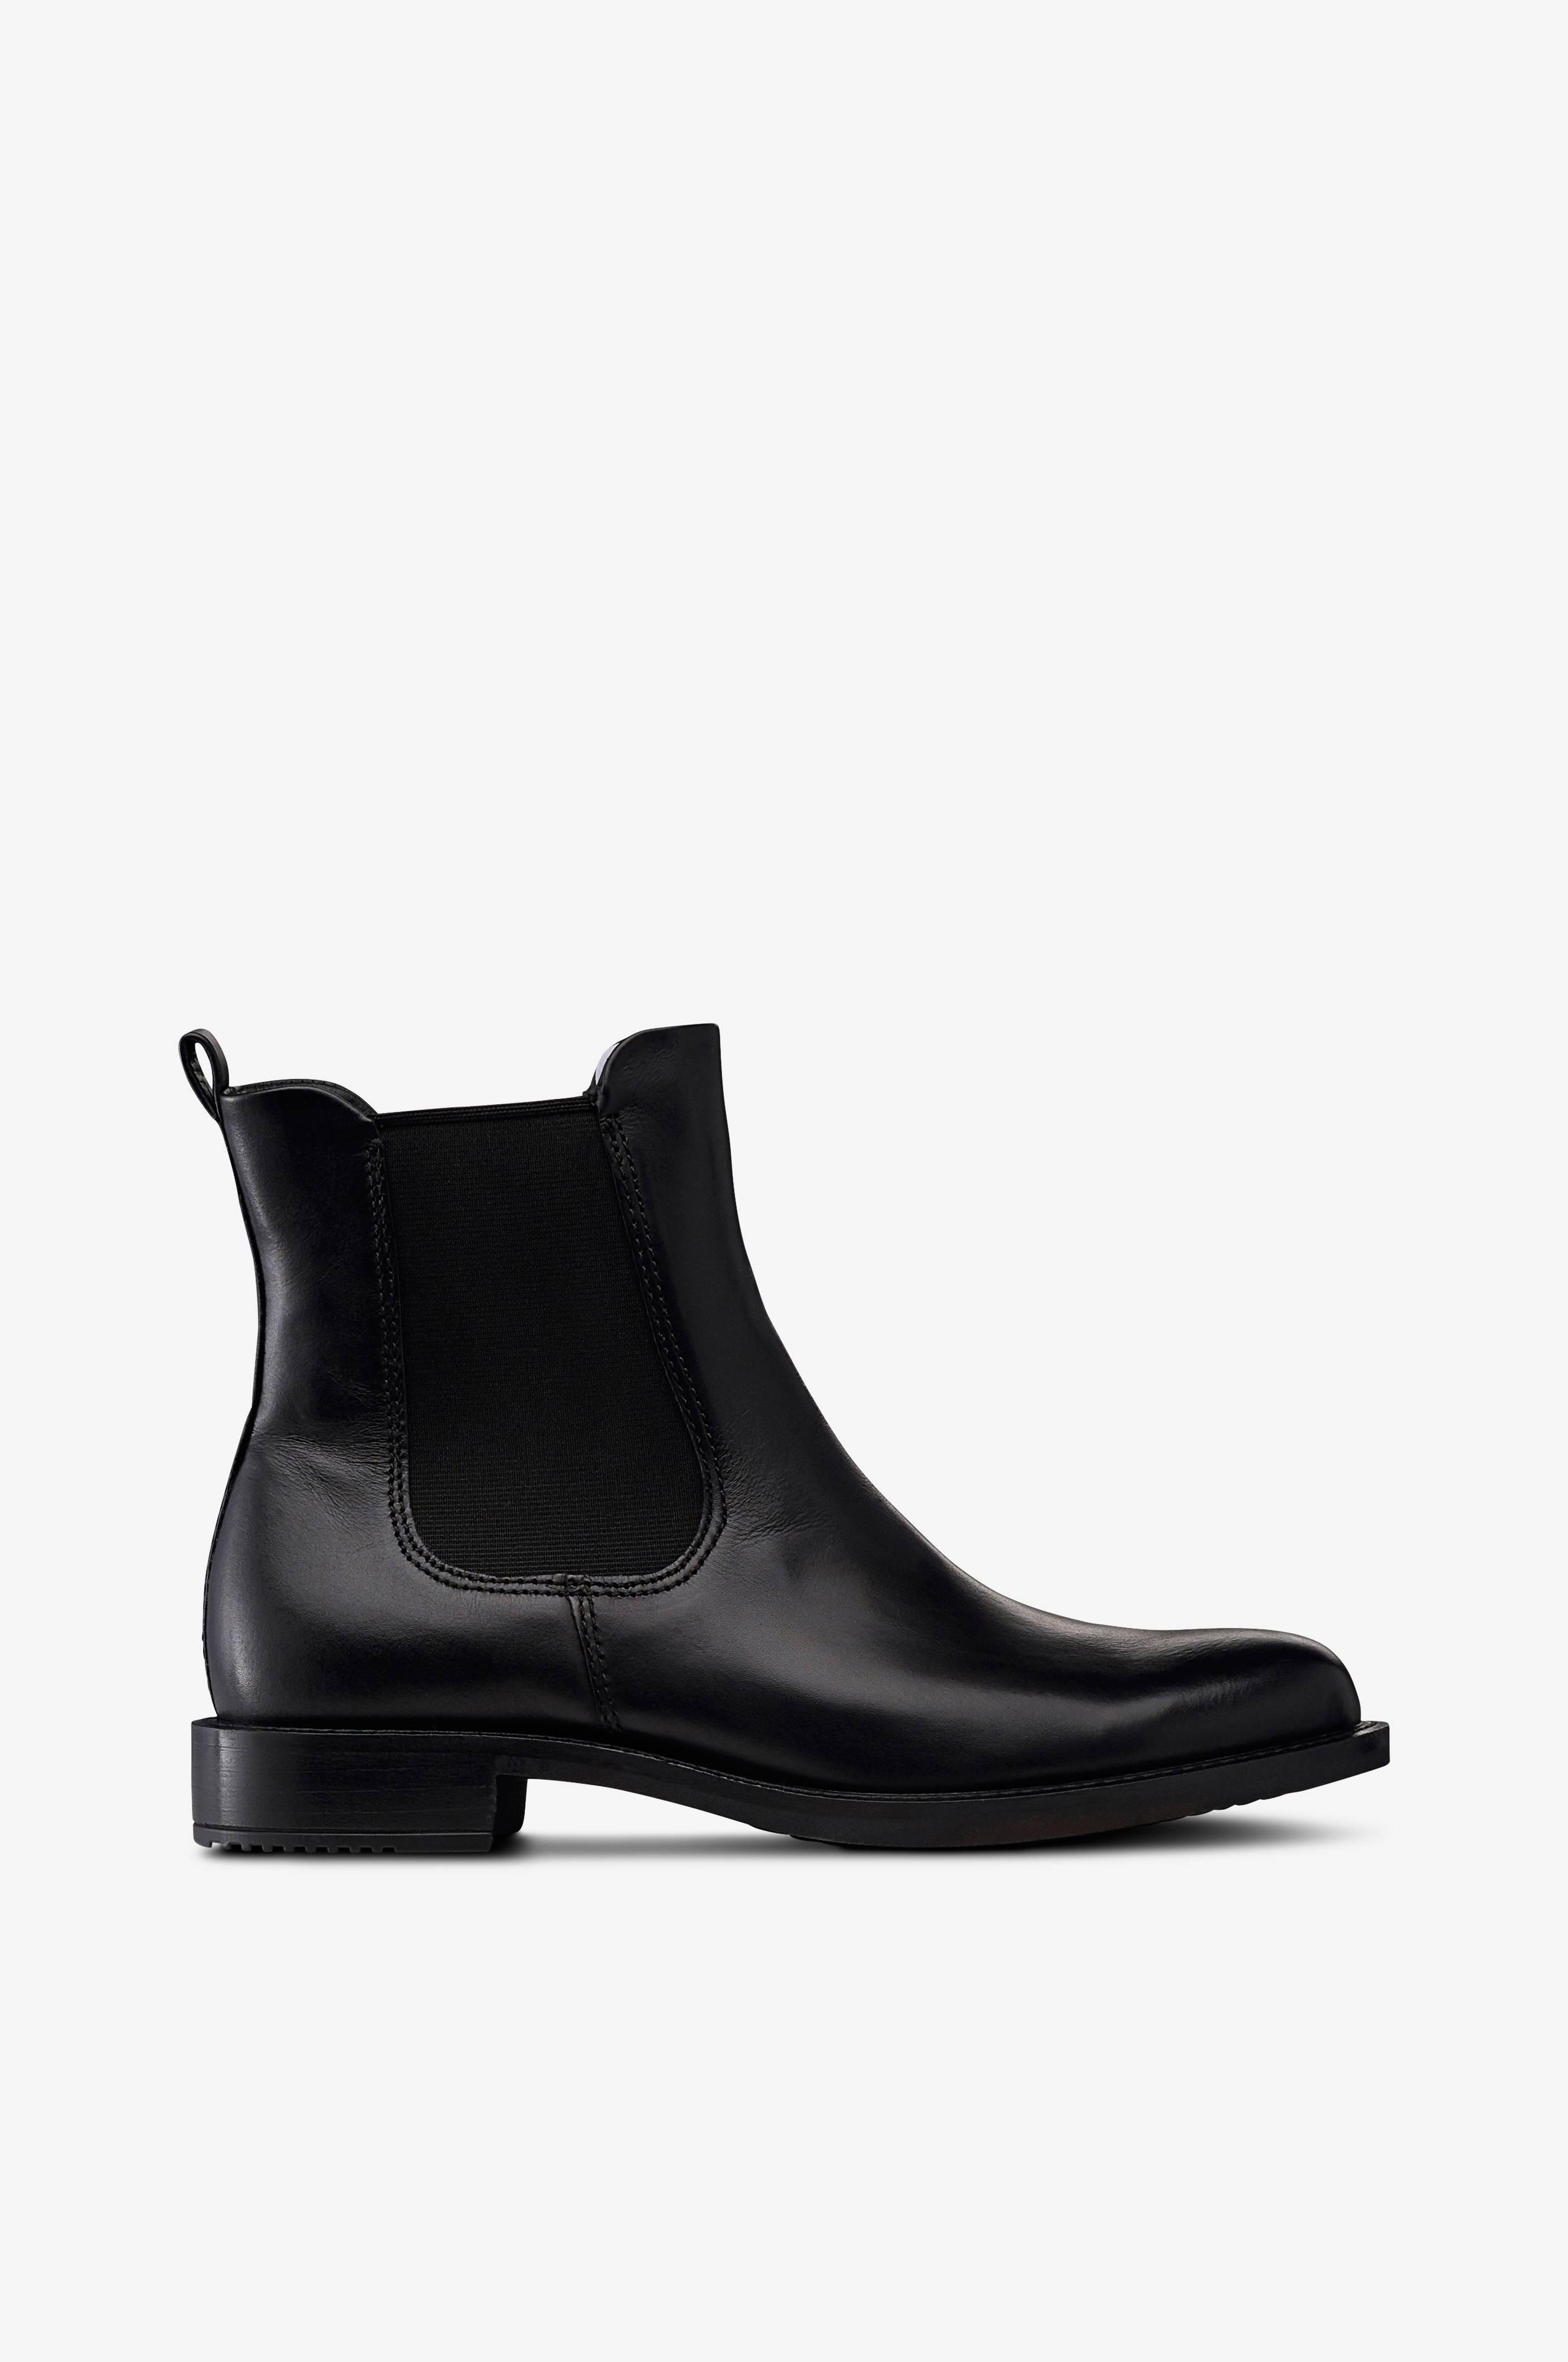 ecco Chelsea boots Shape 25 Sort Dame Ellos.dk